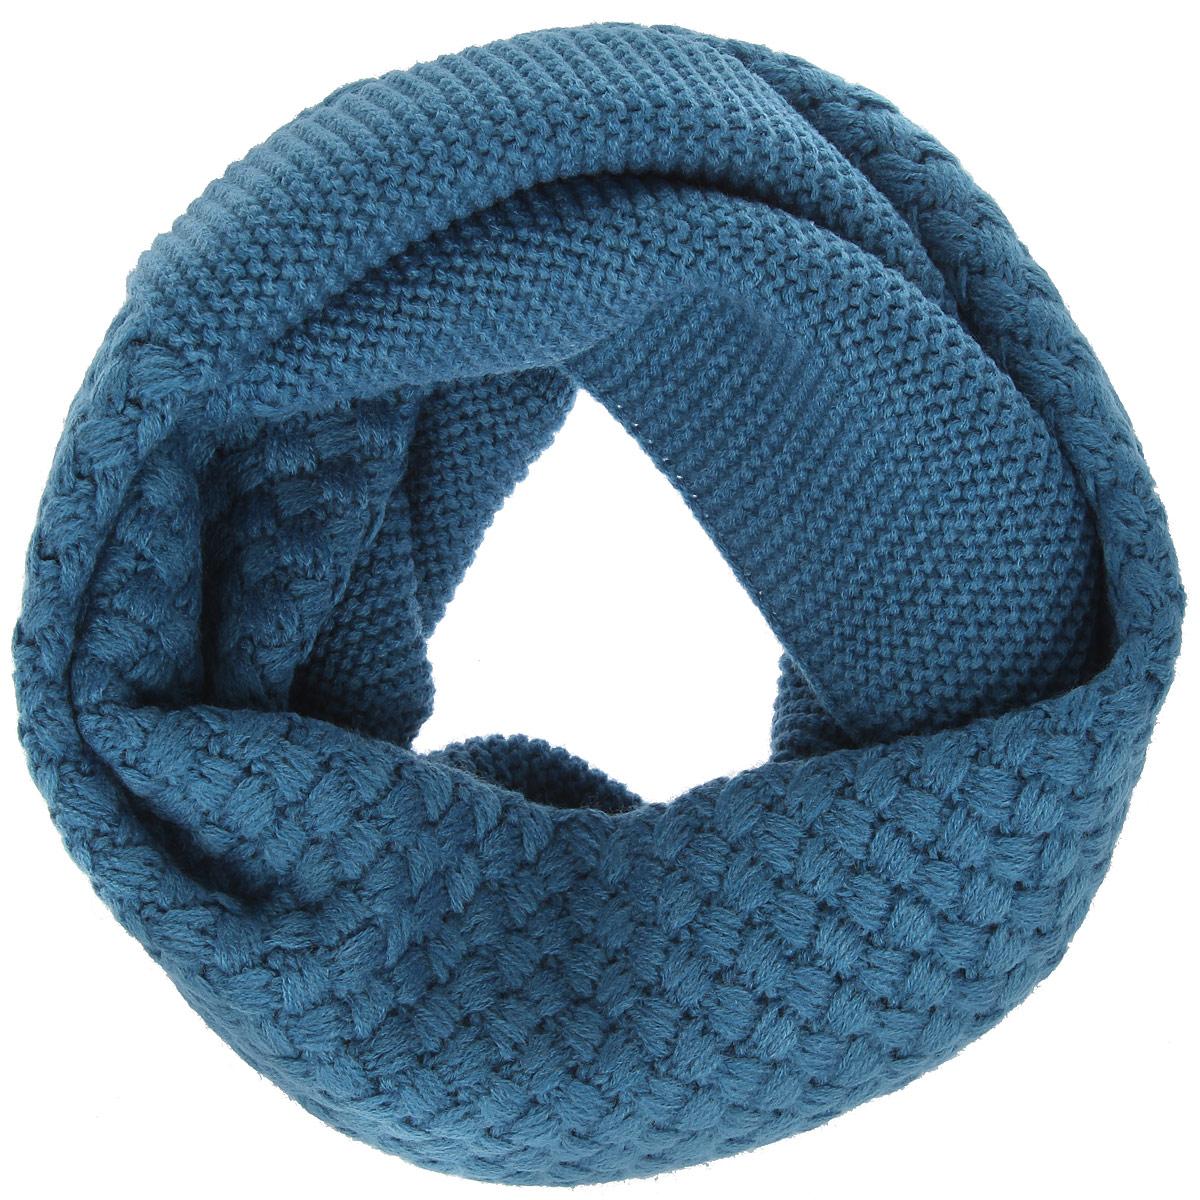 DB33-6403-12Женский вязаный снуд-хомут Eleganzza станет отличным дополнением к гардеробу в холодную погоду. Изготовленный из высококачественной пряжи с содержанием шерсти и вискозы, он необычайно мягкий и приятный на ощупь, максимально сохраняет тепло. Изделие представляет собой объемный шарф, связанный по кругу. Модель оформлена вязаным узором. Модный аксессуар гармонично дополнит образ современной женщины, следящей за своим имиджем и стремящейся всегда оставаться стильной.